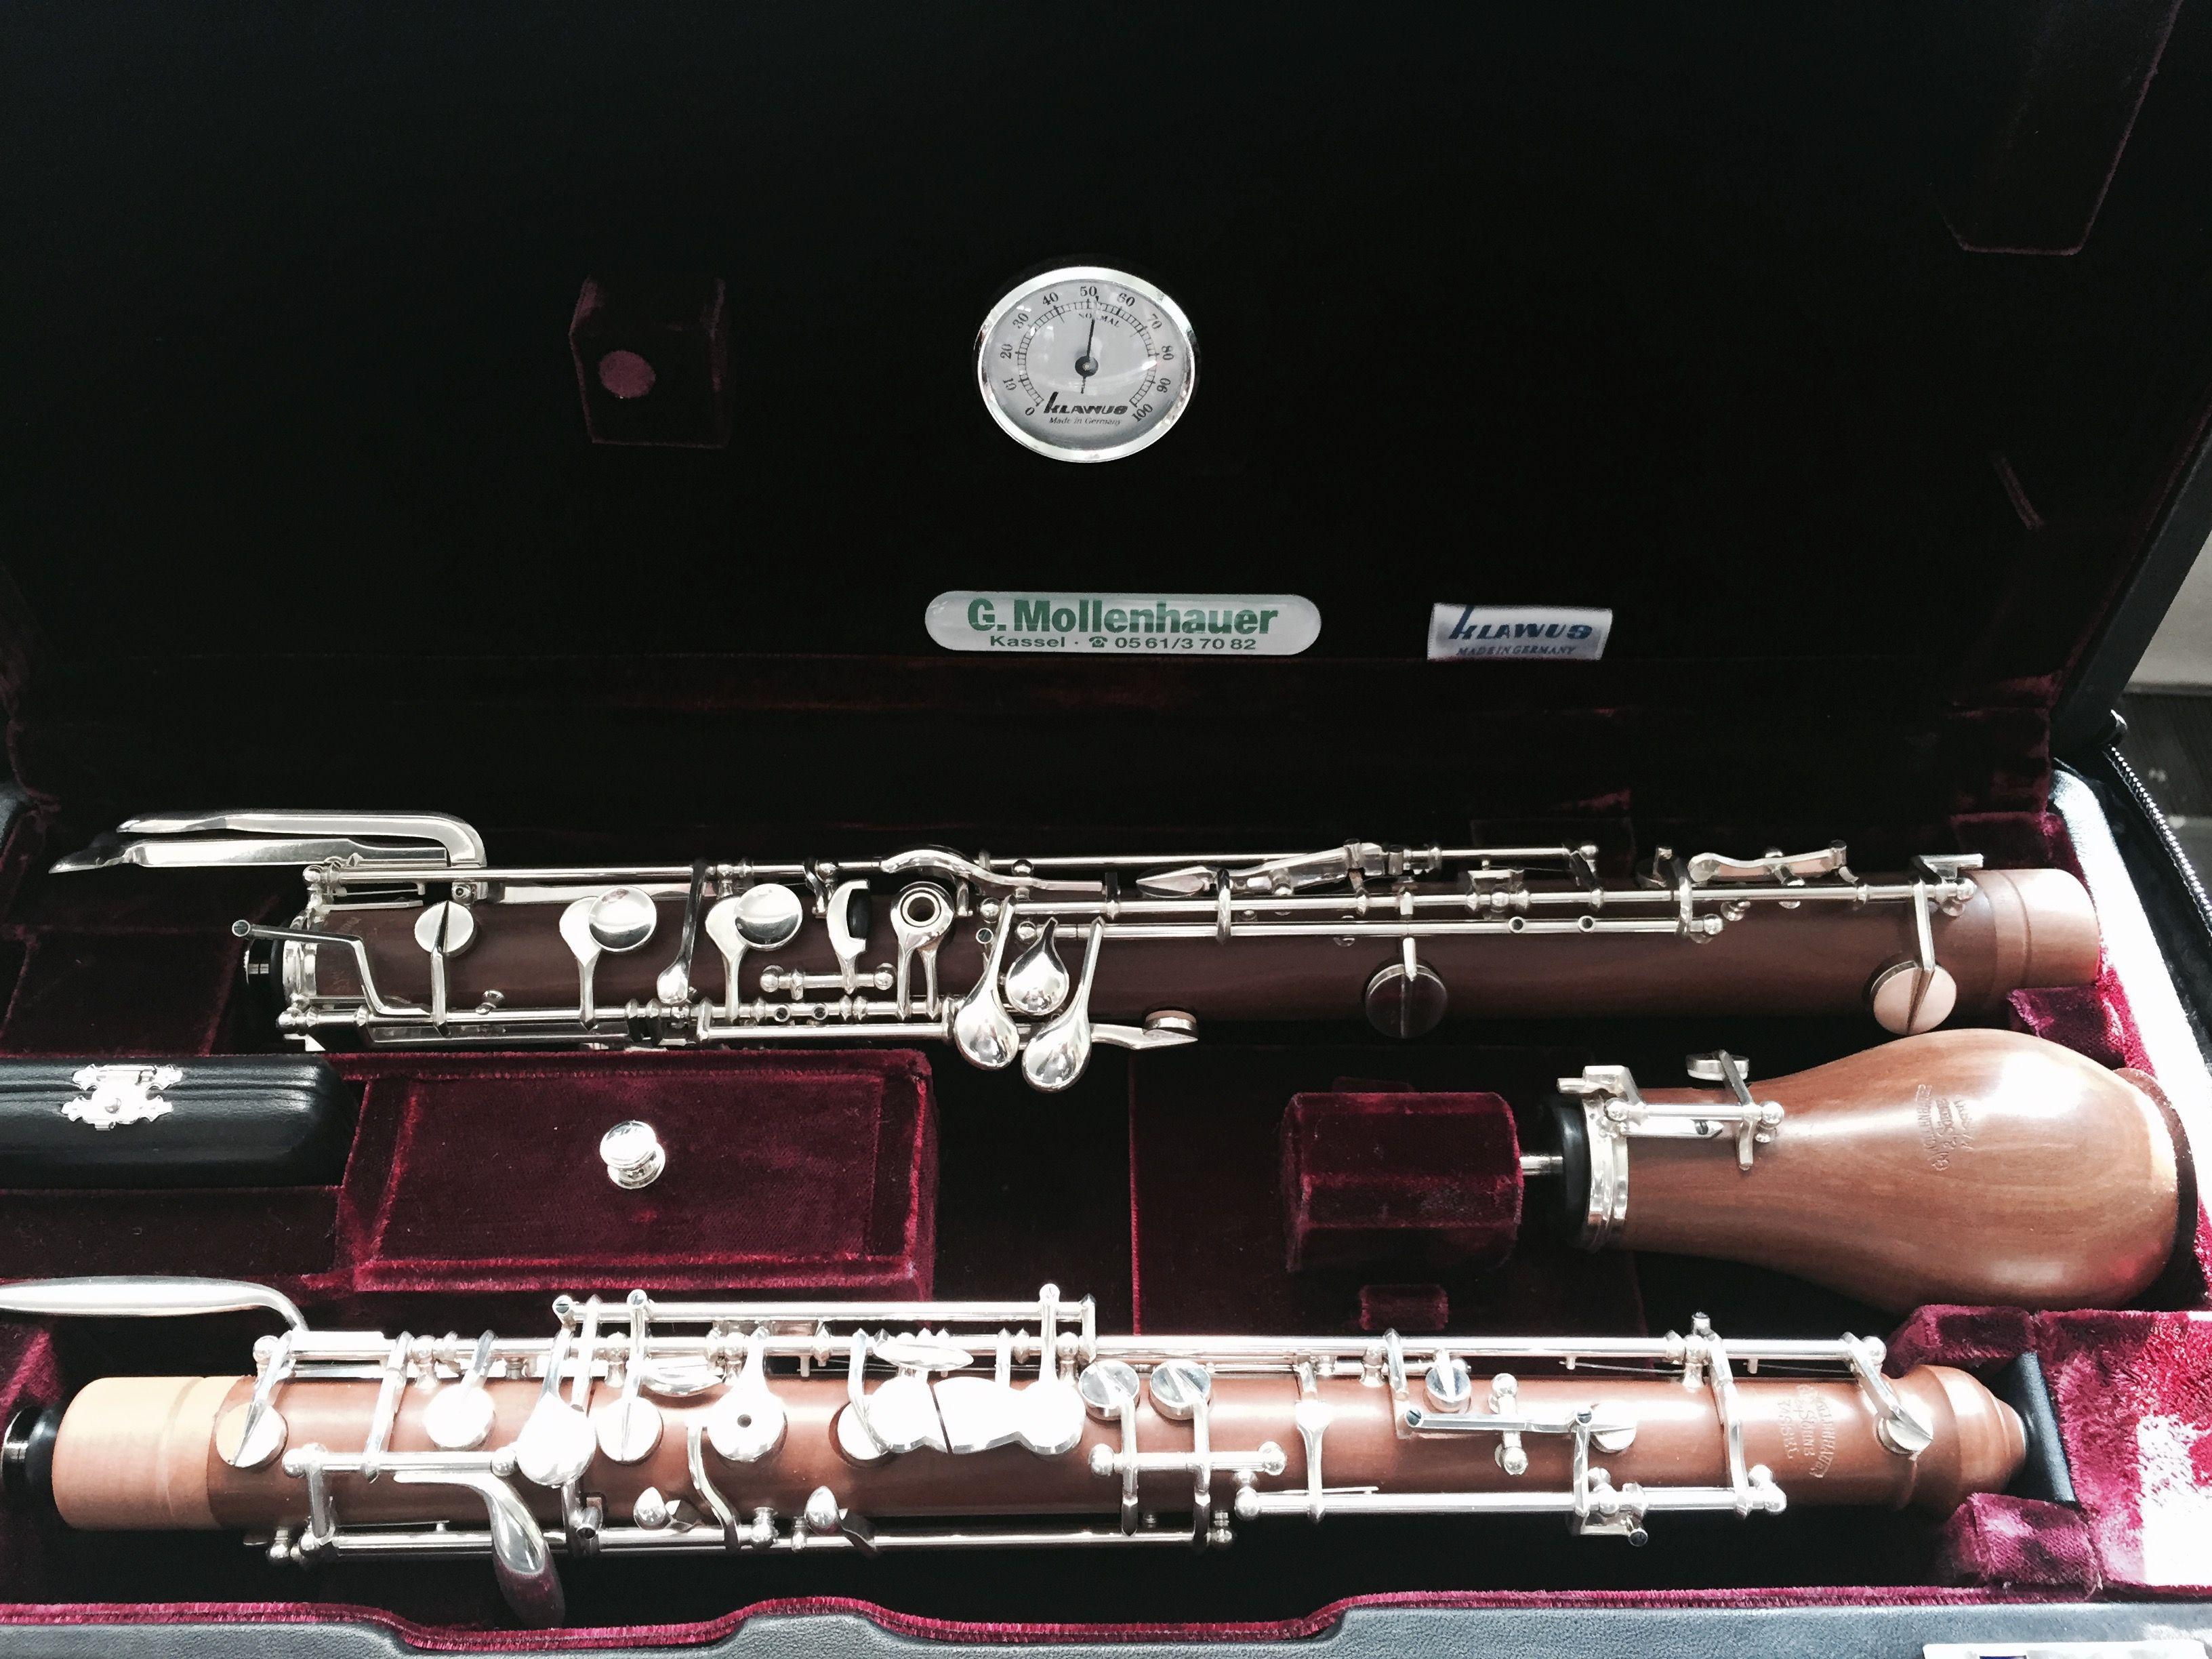 Unser Englischhorn. Wir gehen neue Wege, um Ihnen das Spielen zu erleichtern. Dank neuer Verfahren präsentieren wir unser Englischhorn auch in Birnenholz. Der Vorteil? Das ganze Instrument wird leichter und somit auch für Sie komfortabler zu spielen. Außerdem hat es einen traumhaft weichen Klang und Charakter bekommen.